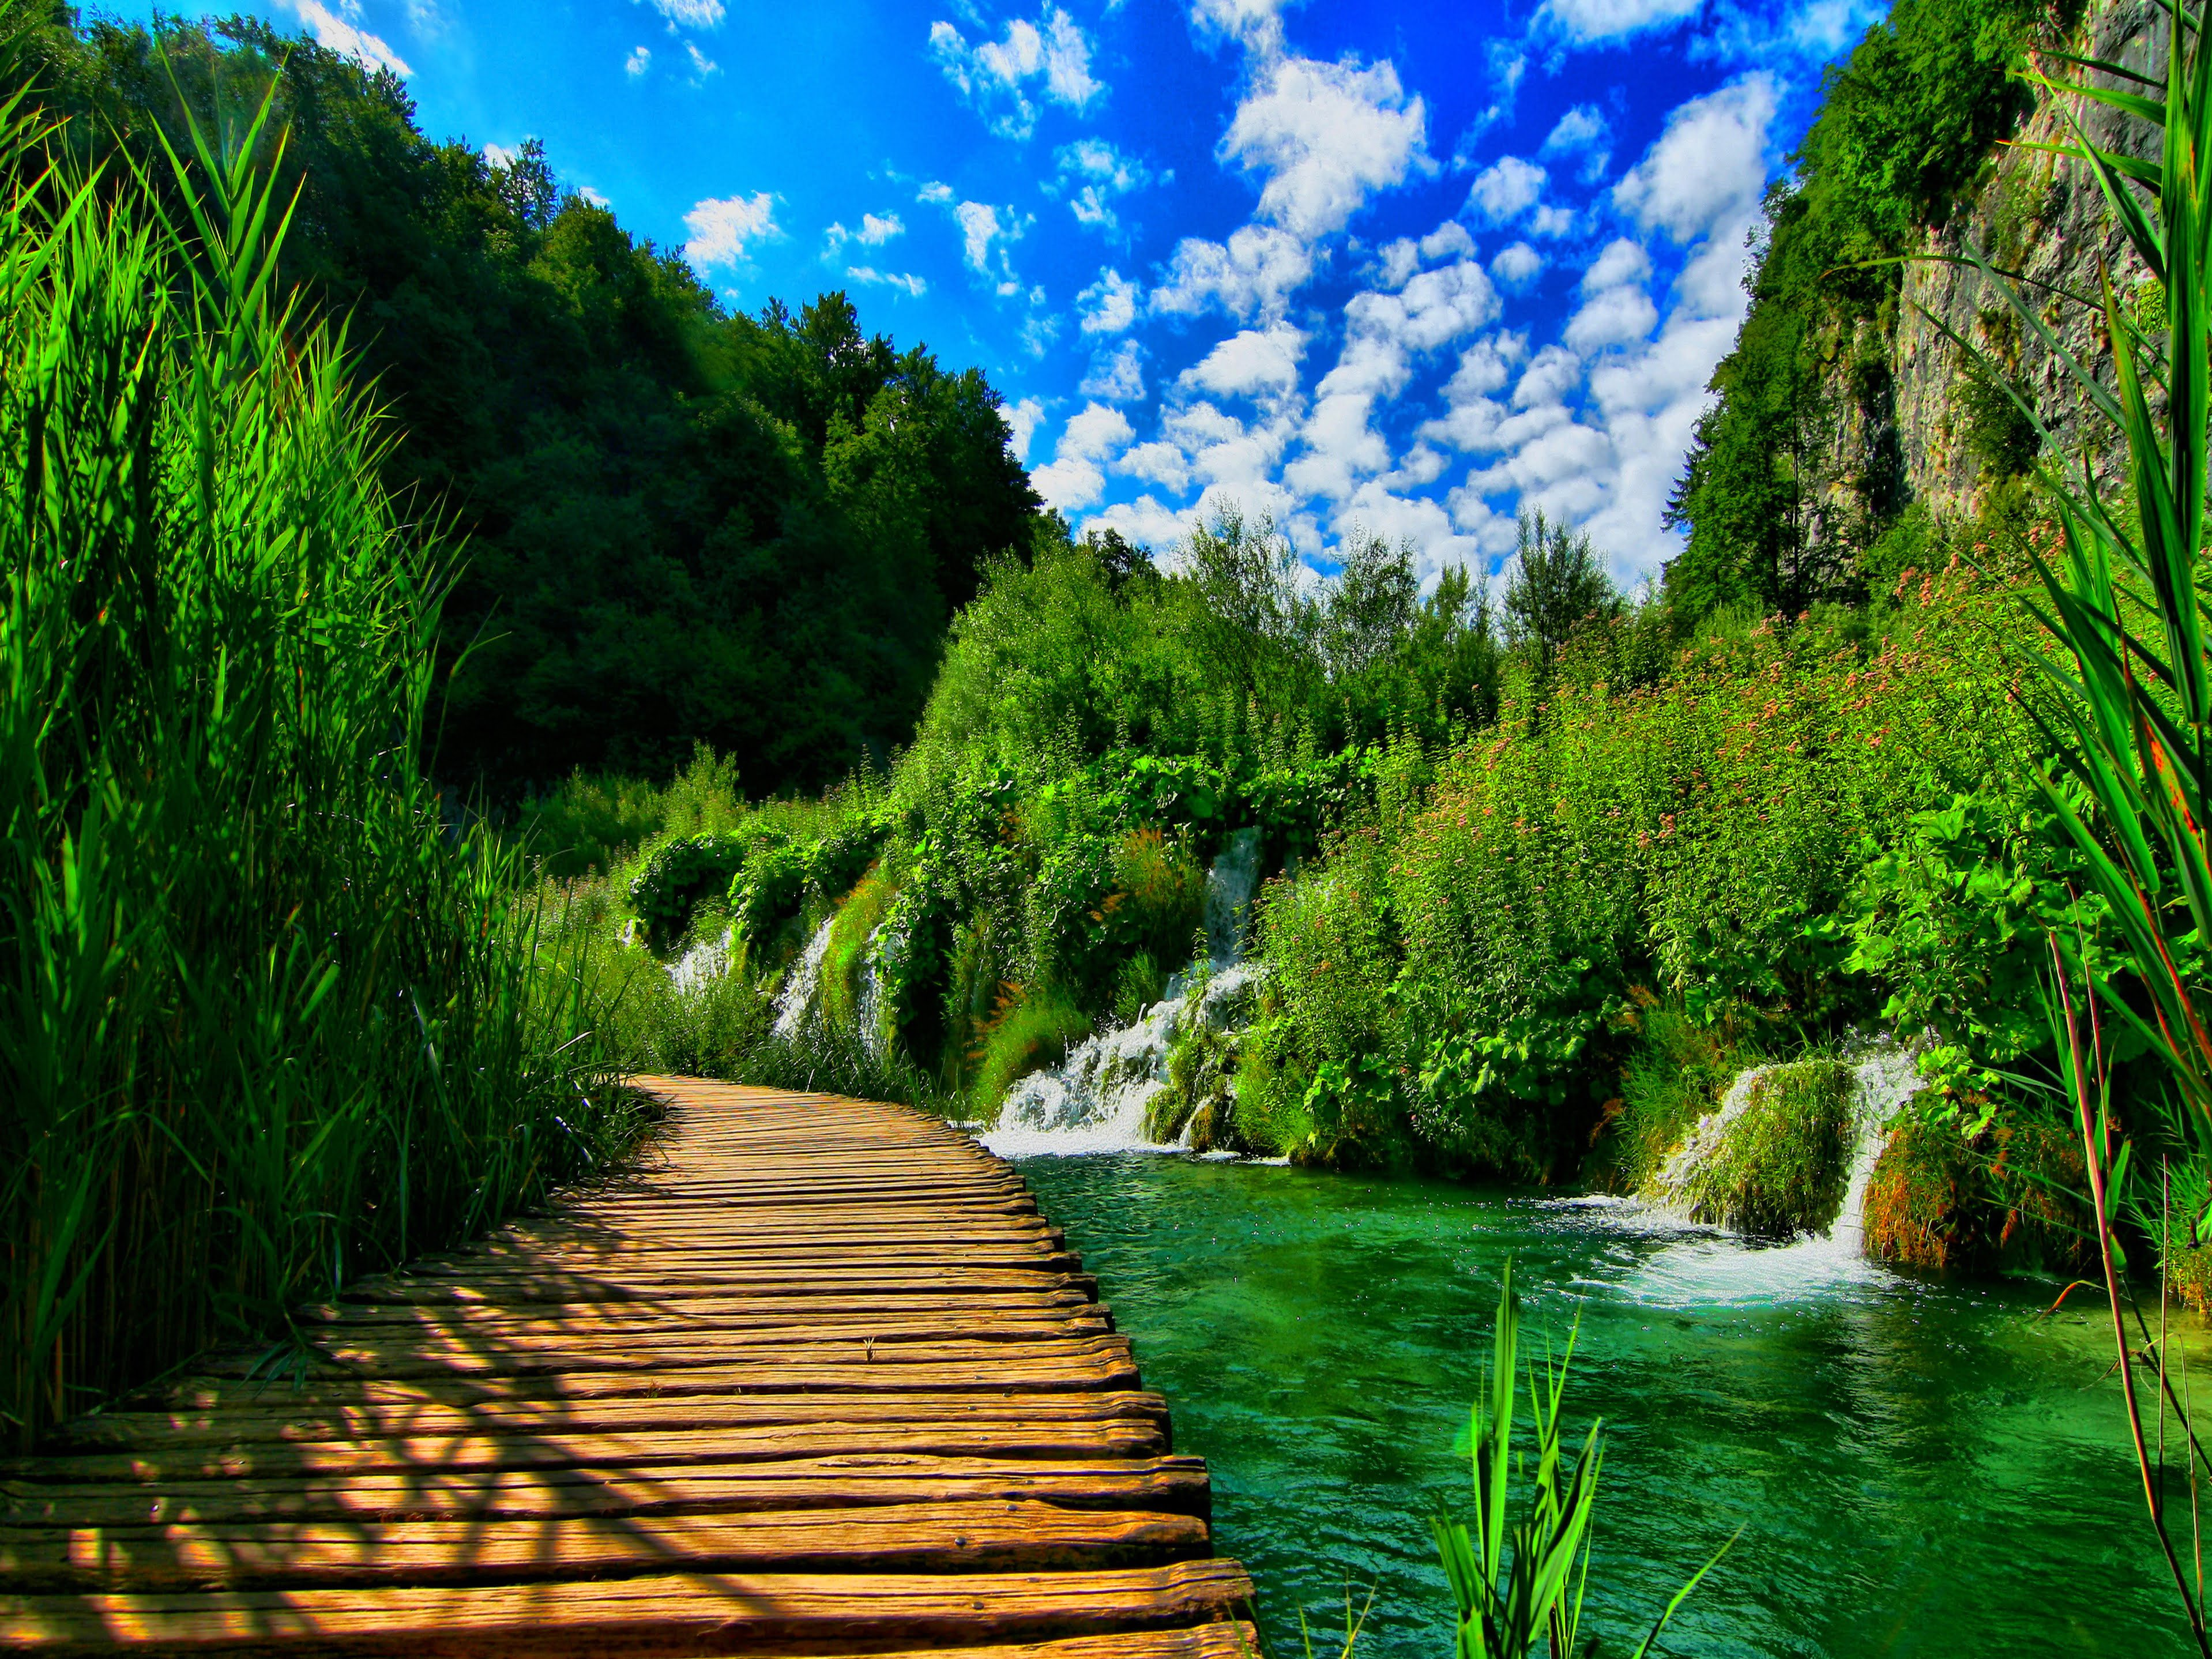 天空,树木和水之间的自然景观和谐